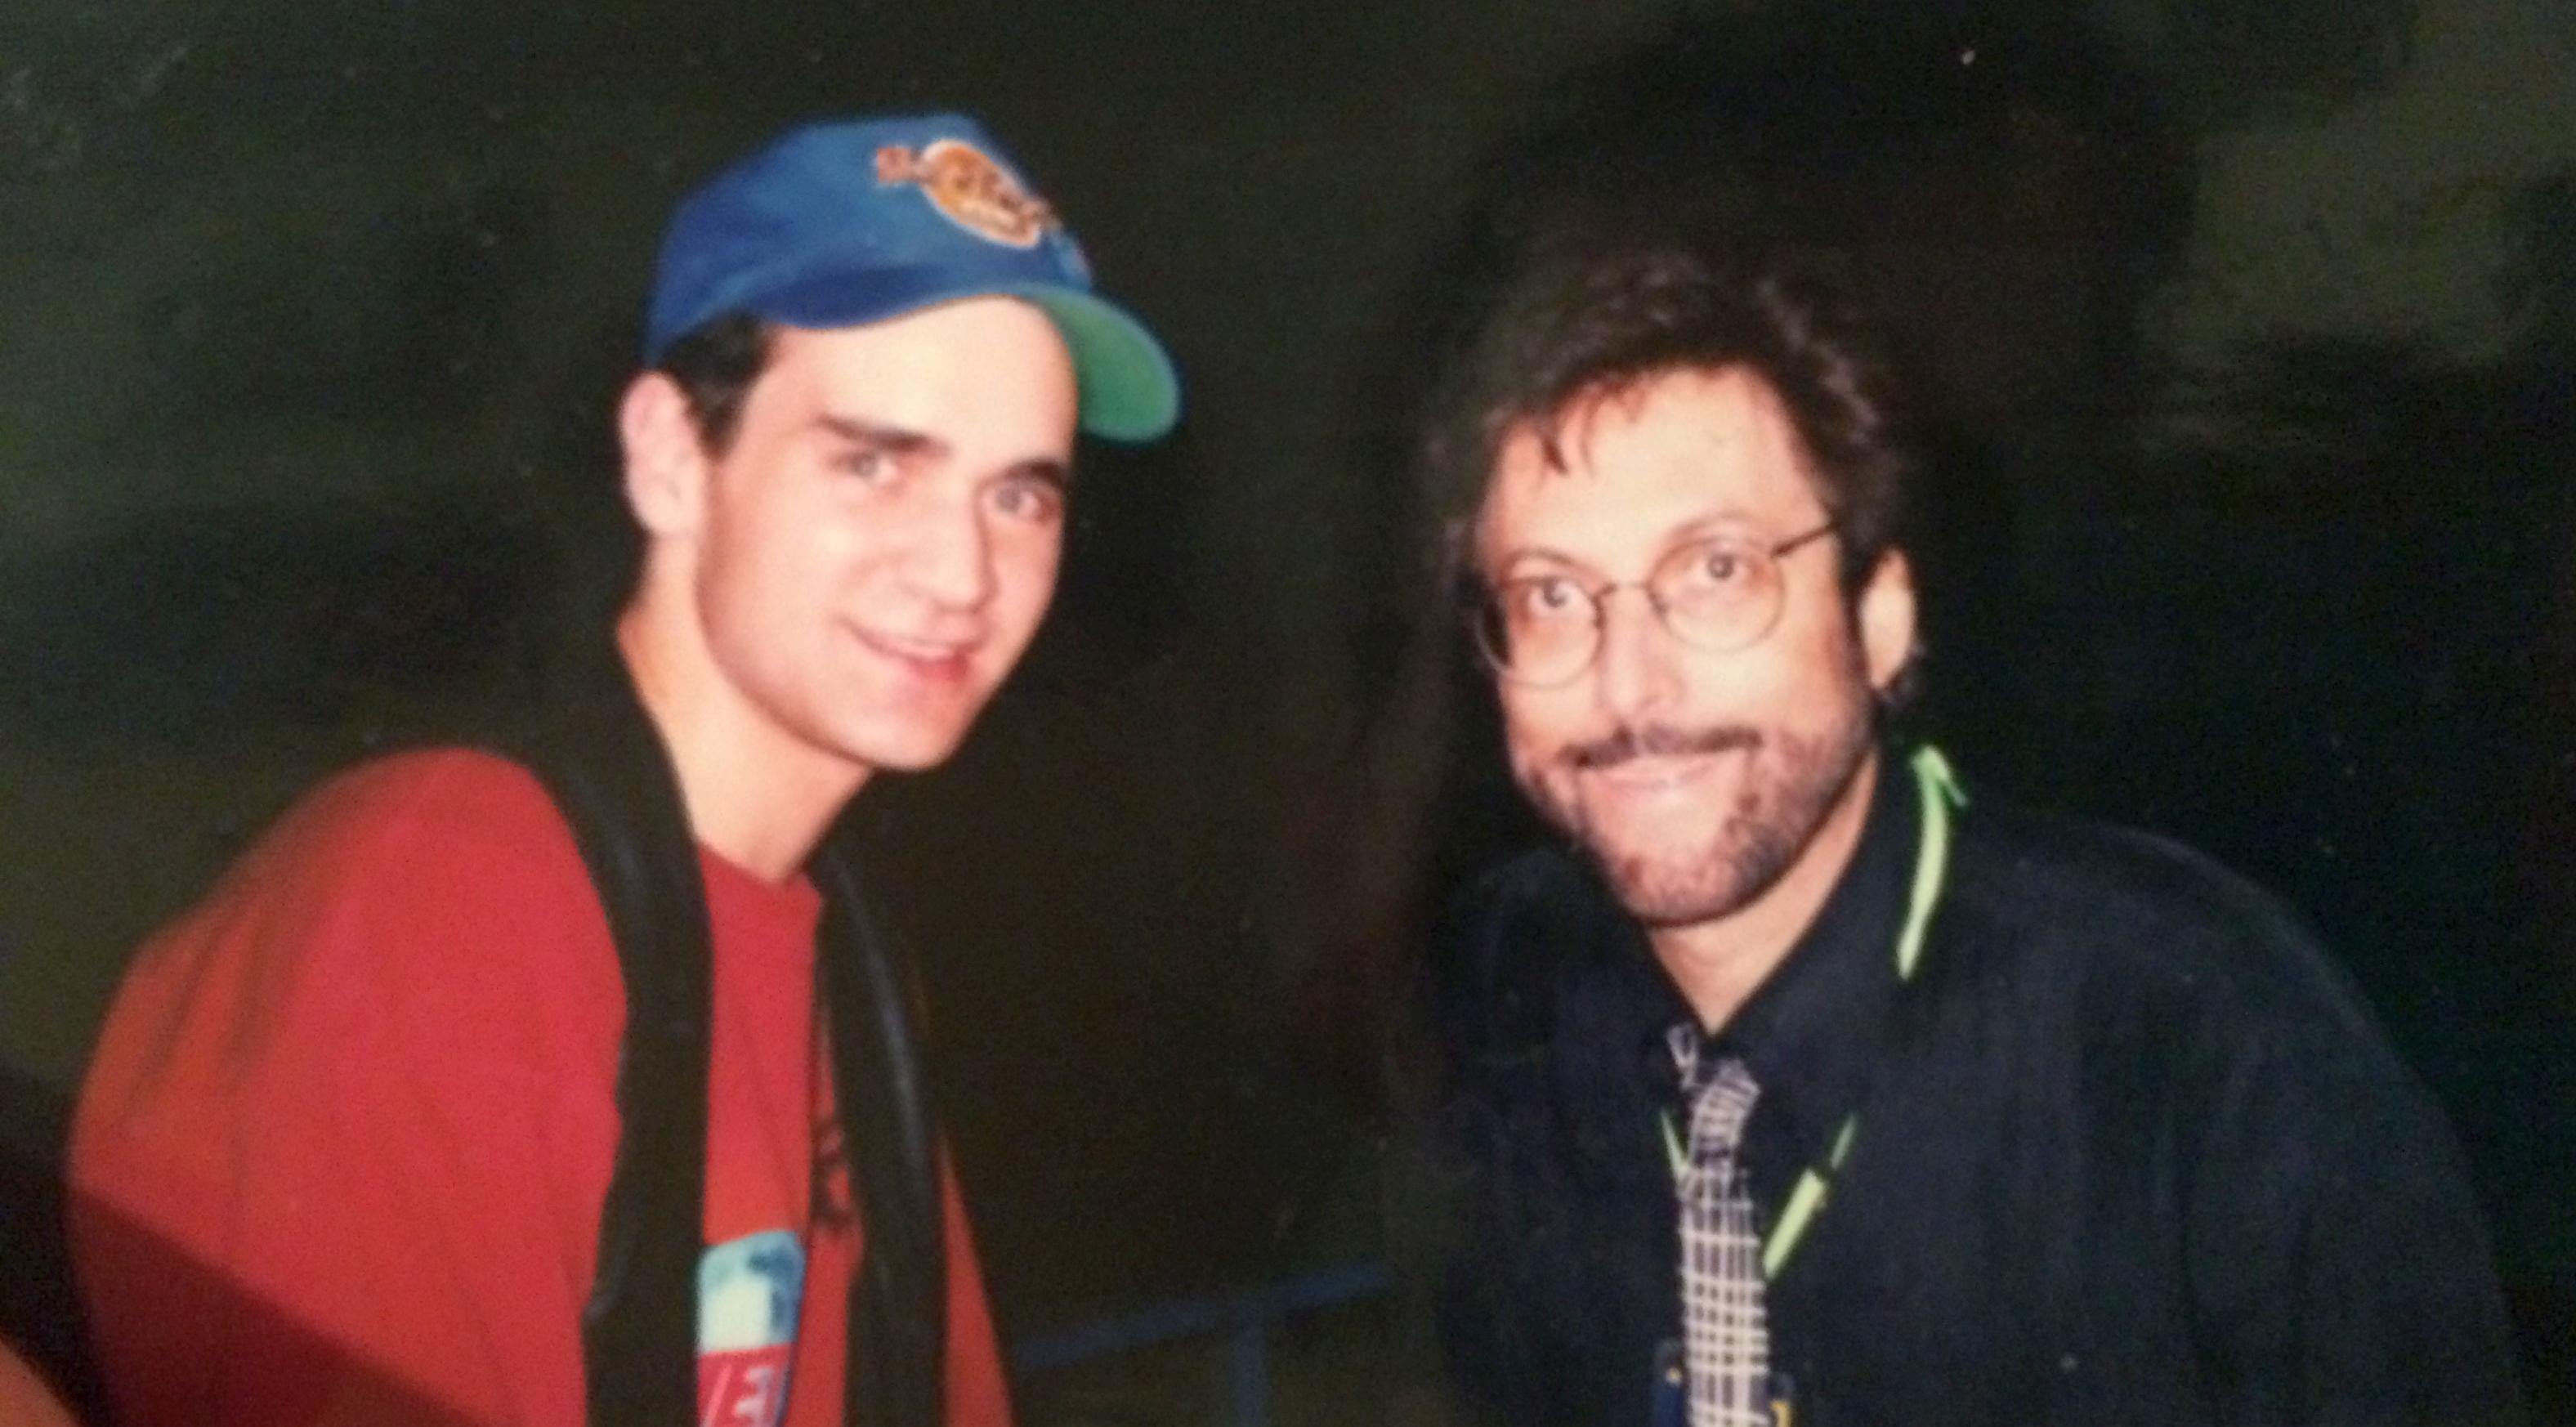 Stephen Bishop & I